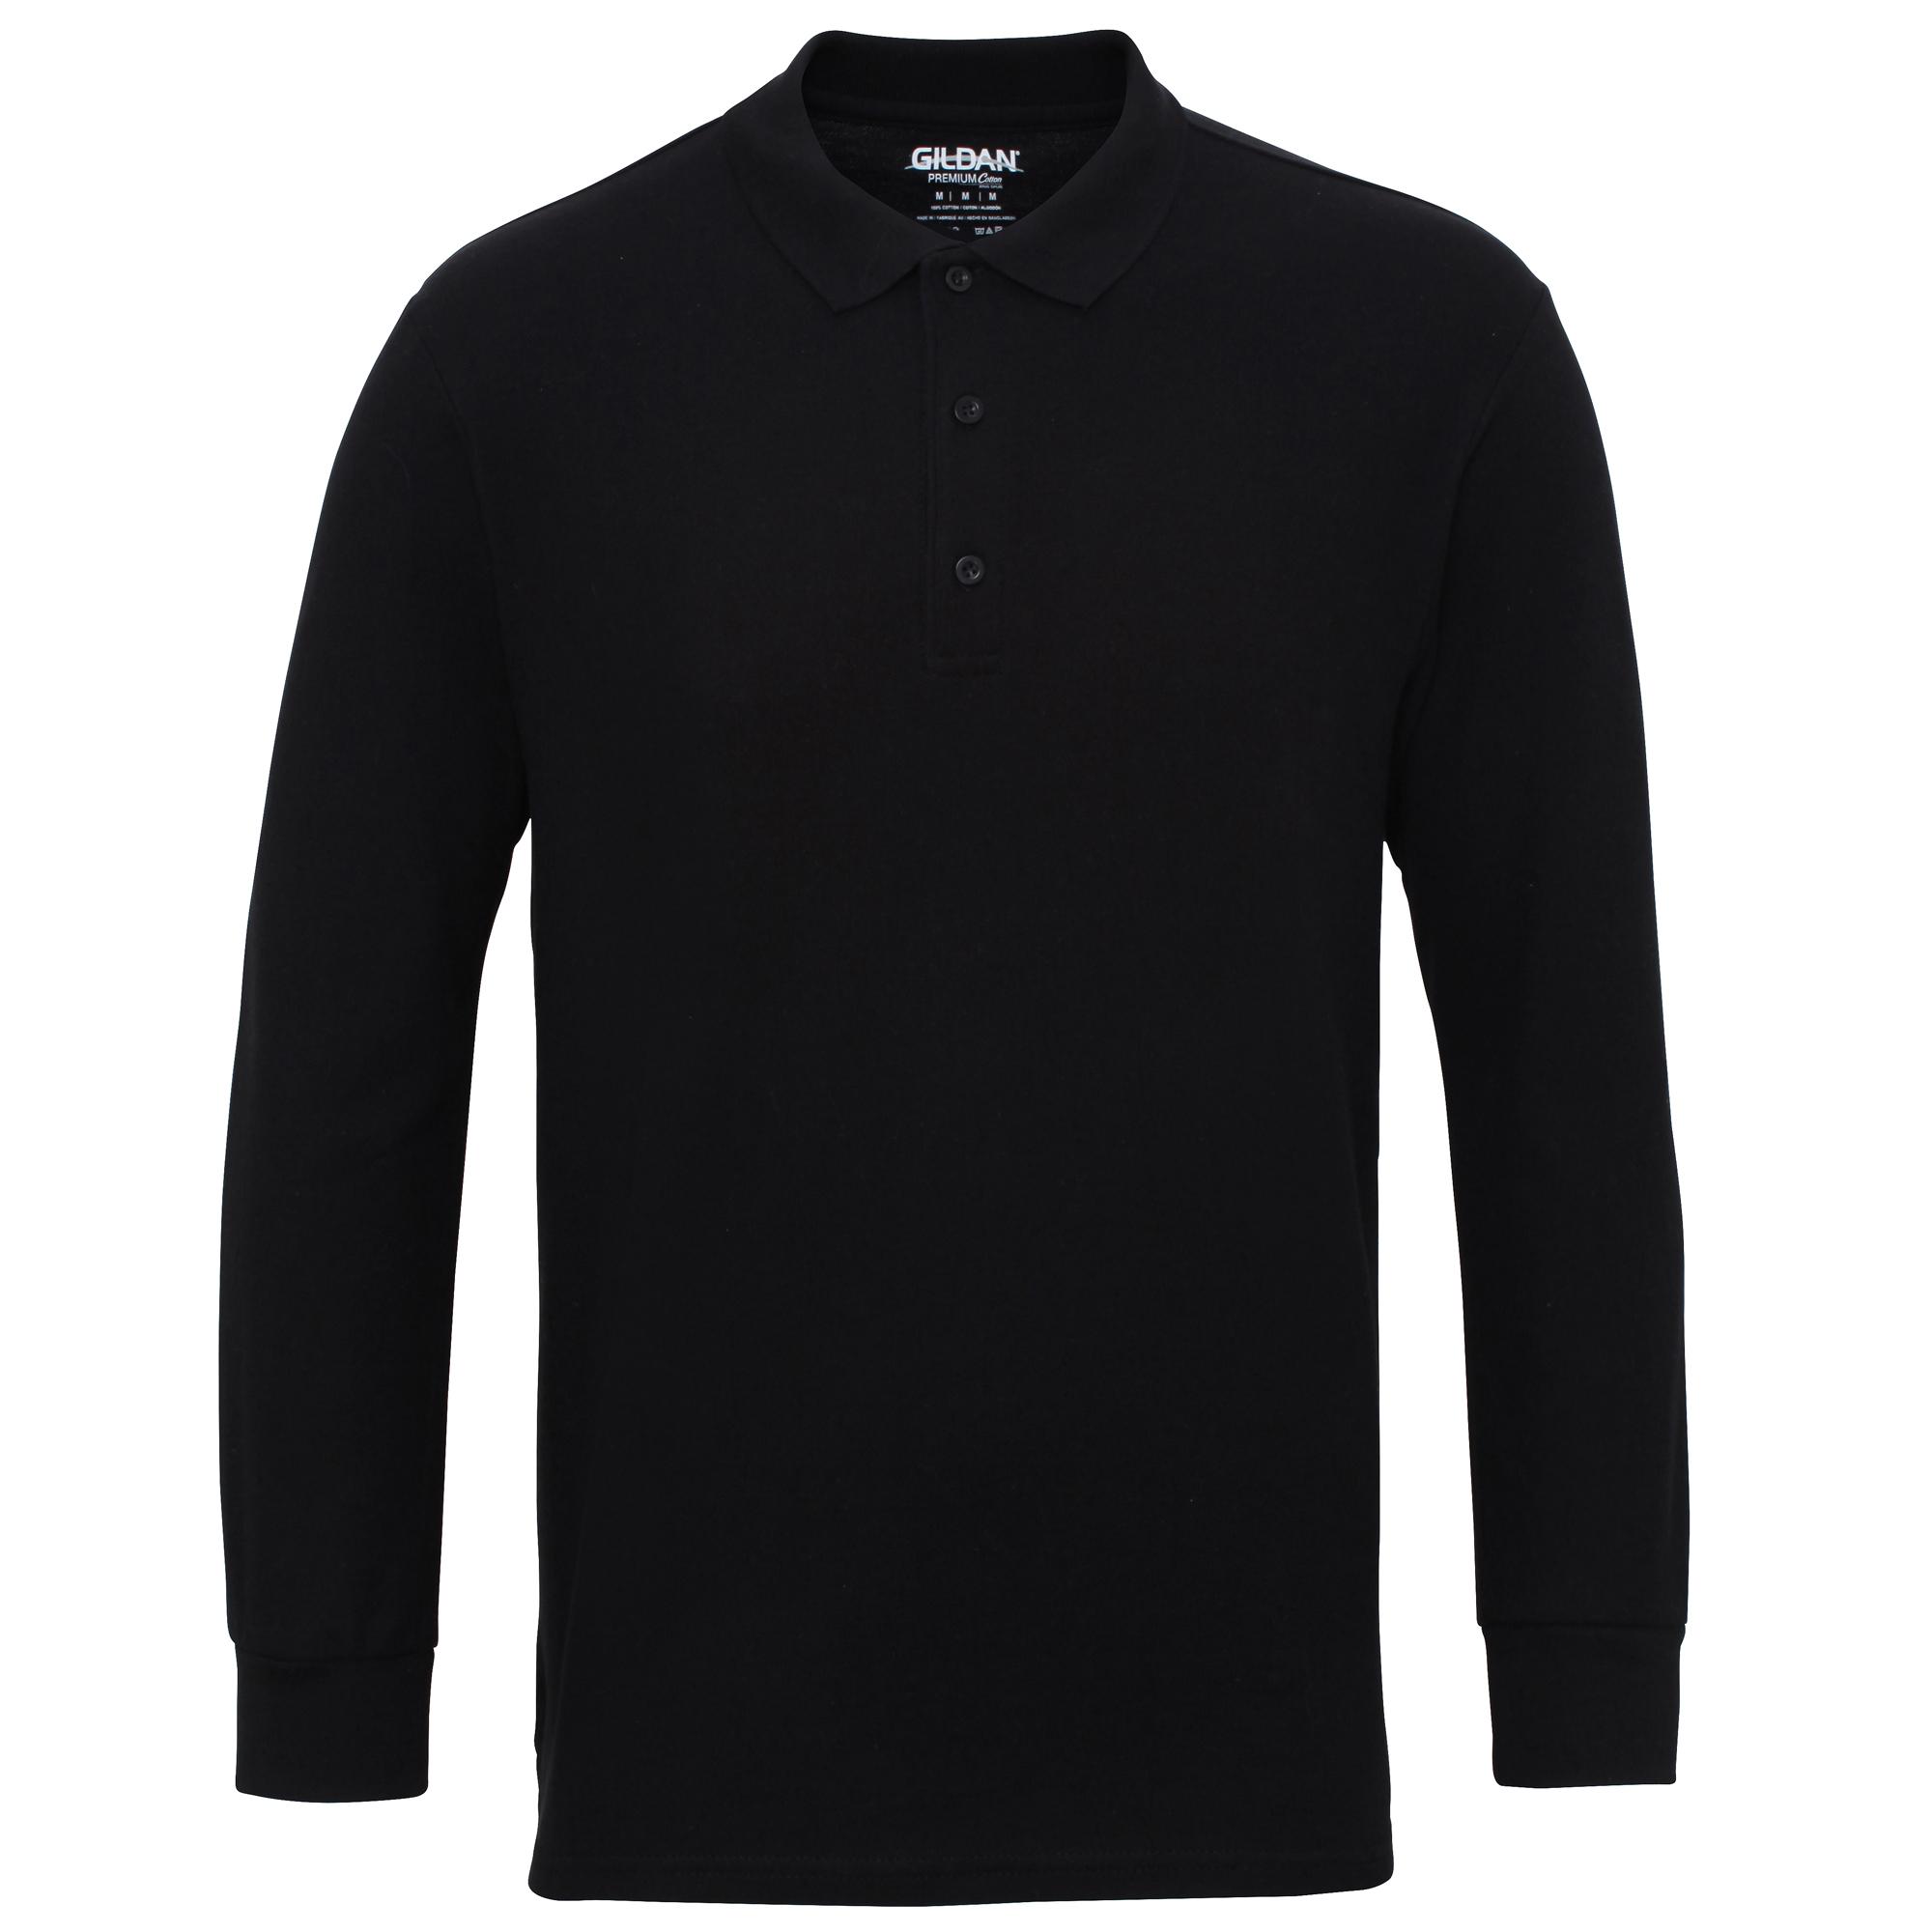 Gildan-Mens-Long-Sleeve-Double-Pique-Cotton-Polo-Shirt-BC3485 thumbnail 8